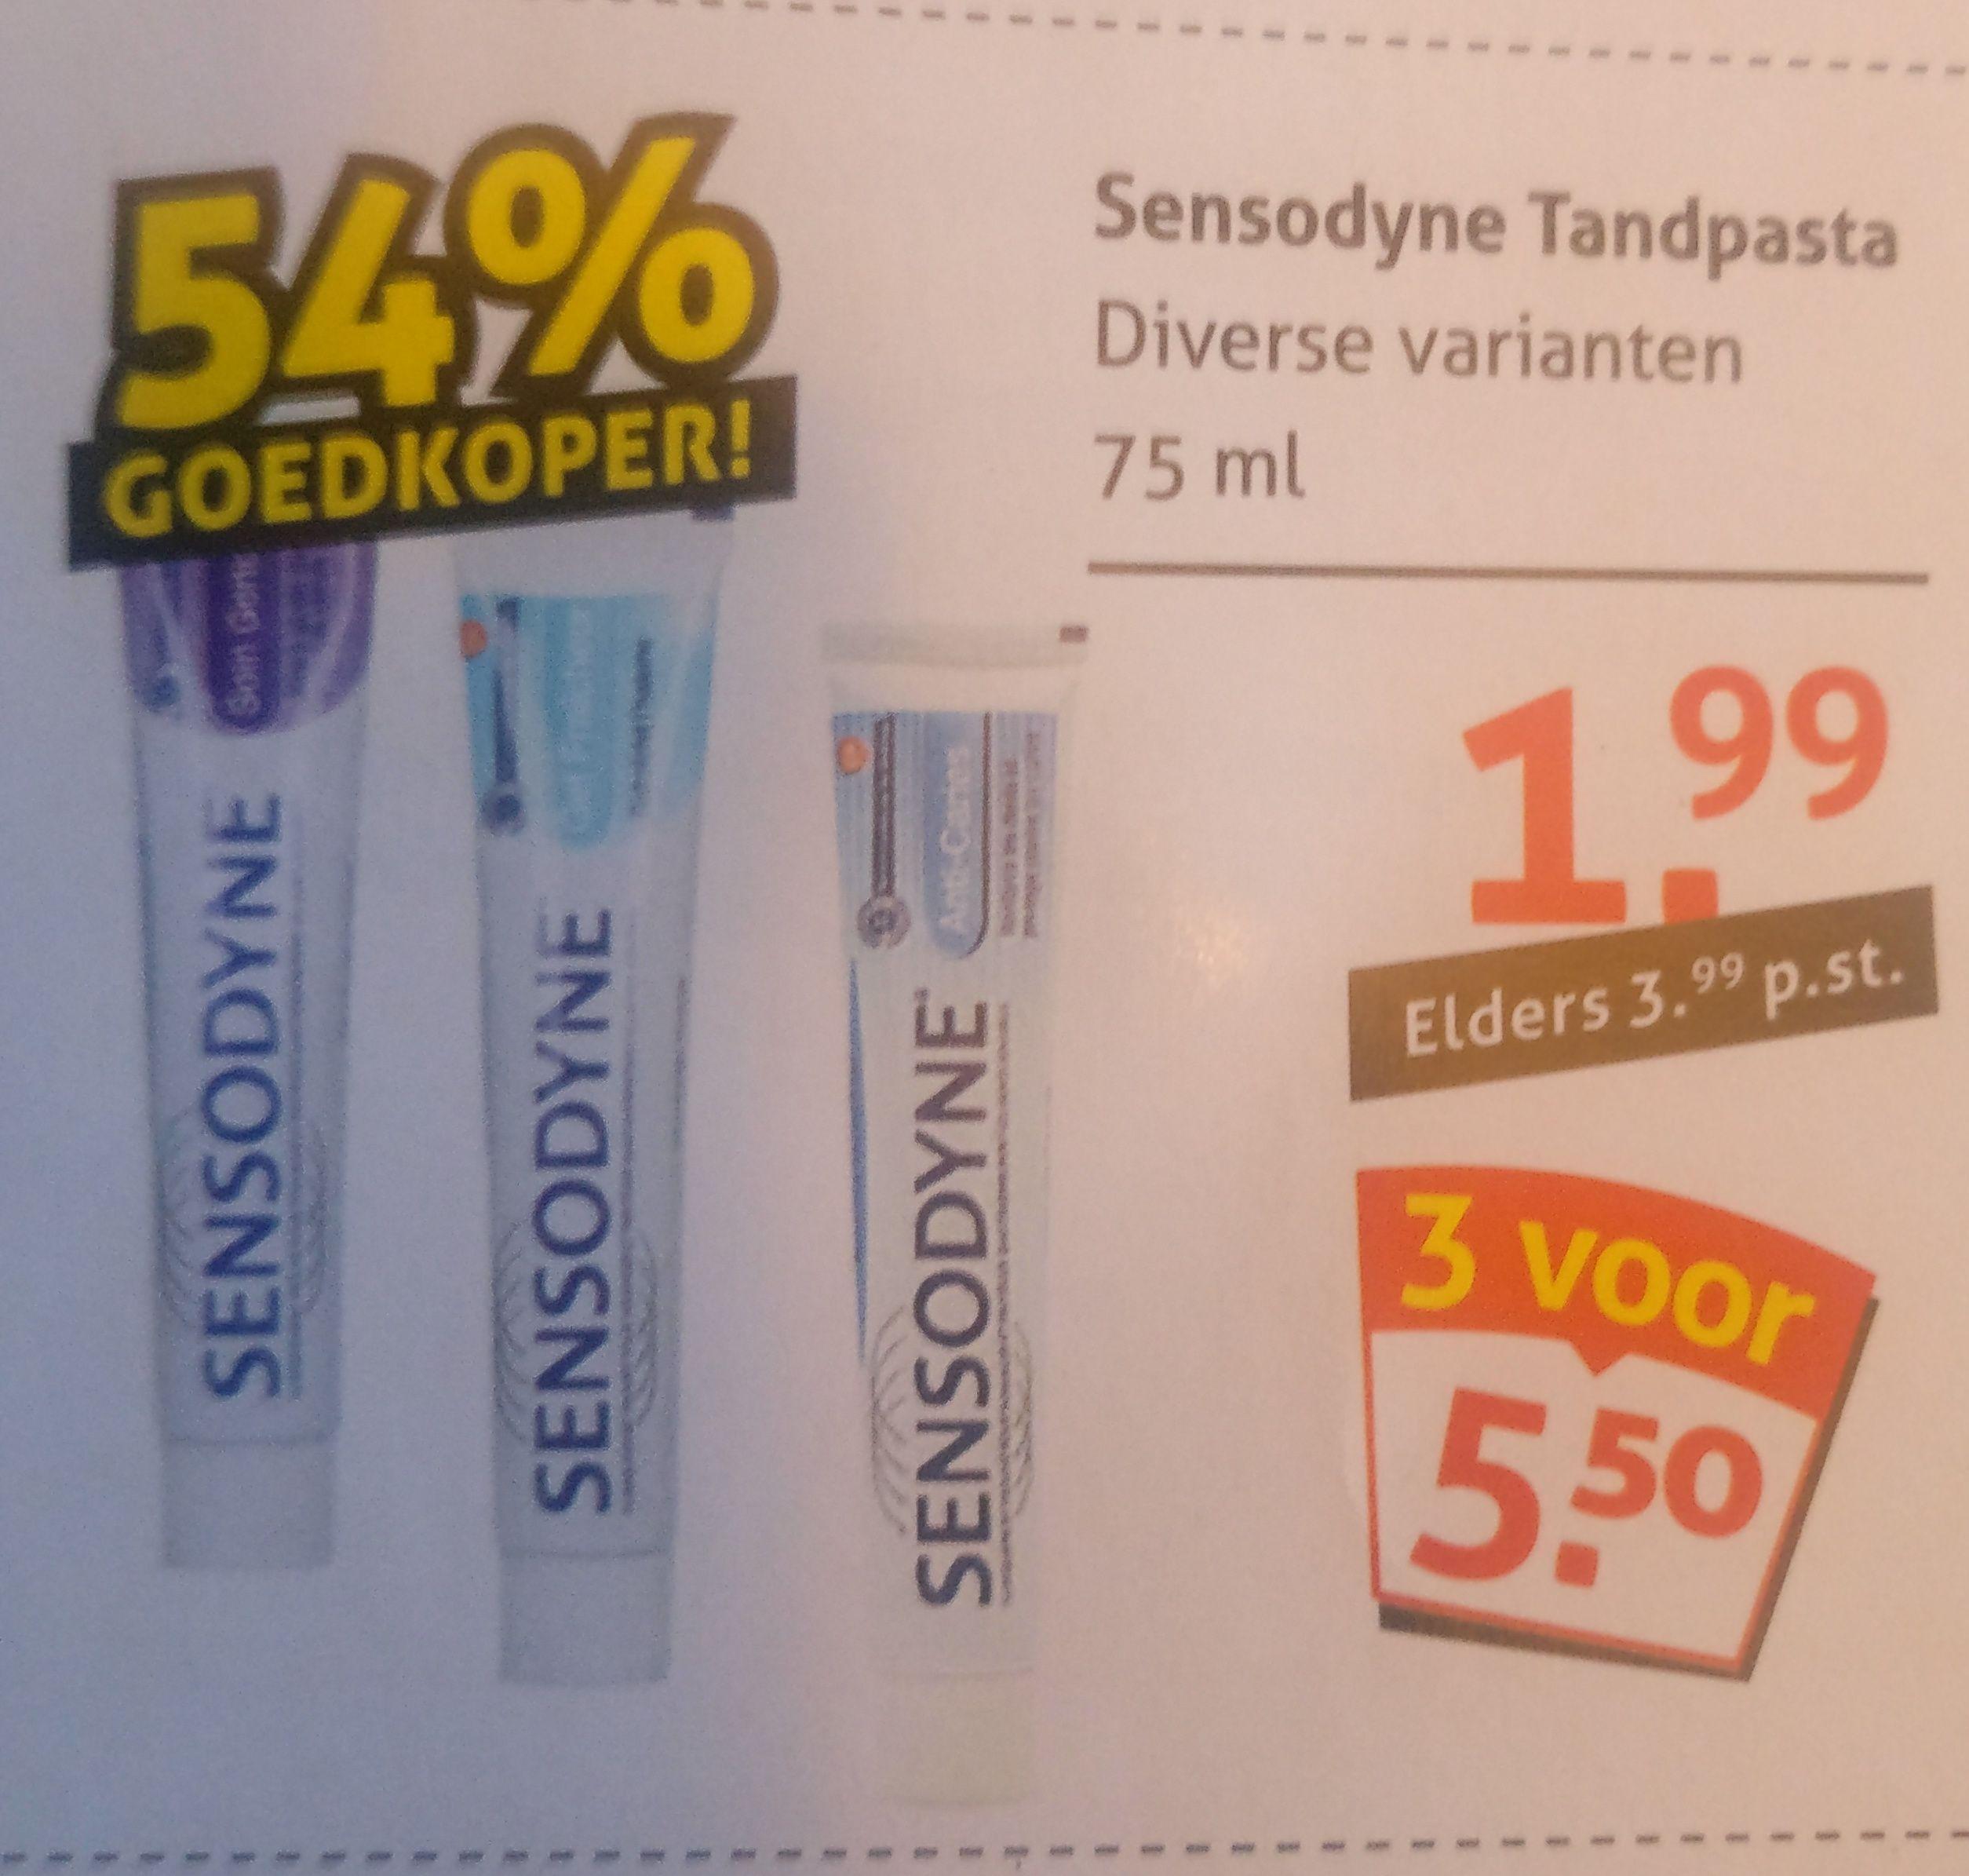 Sensodyne tandpasta 54% goedkoper bij op=op voordeelshop. 3 voor  €5,50 of €1,99 p. stuk